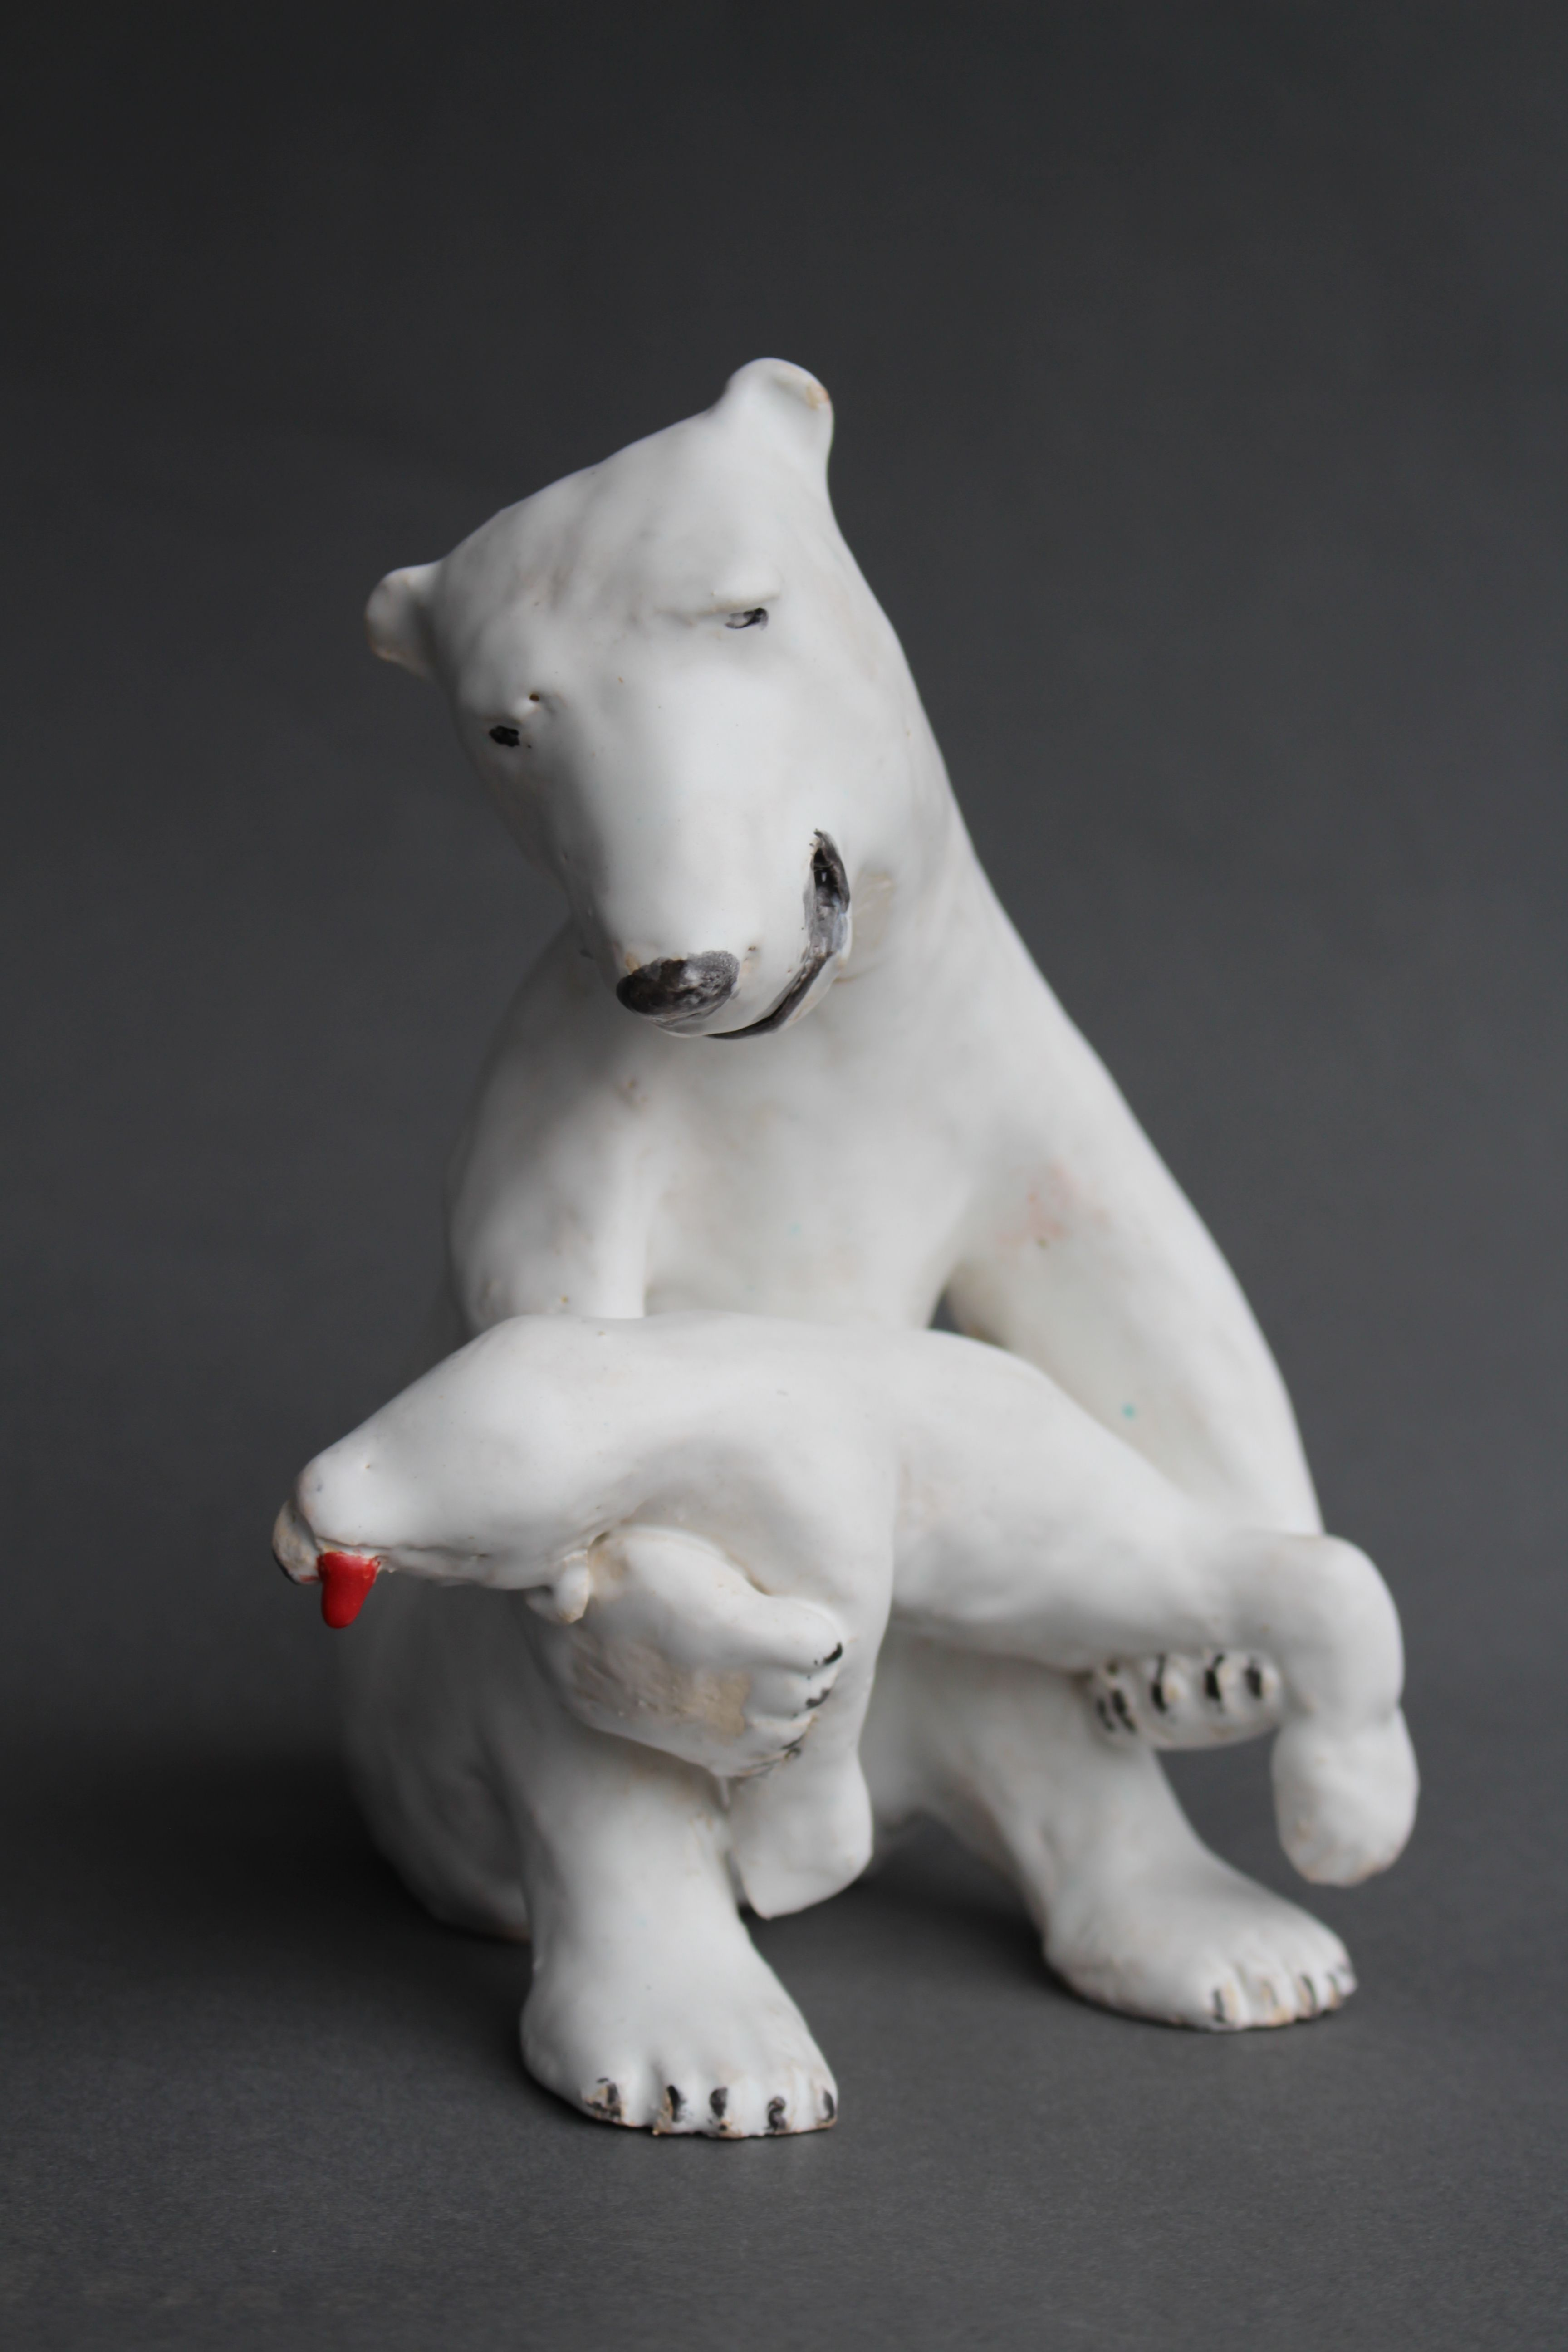 Opfer für den Klimawandel, Keramik,15 x 13 x 20 cm